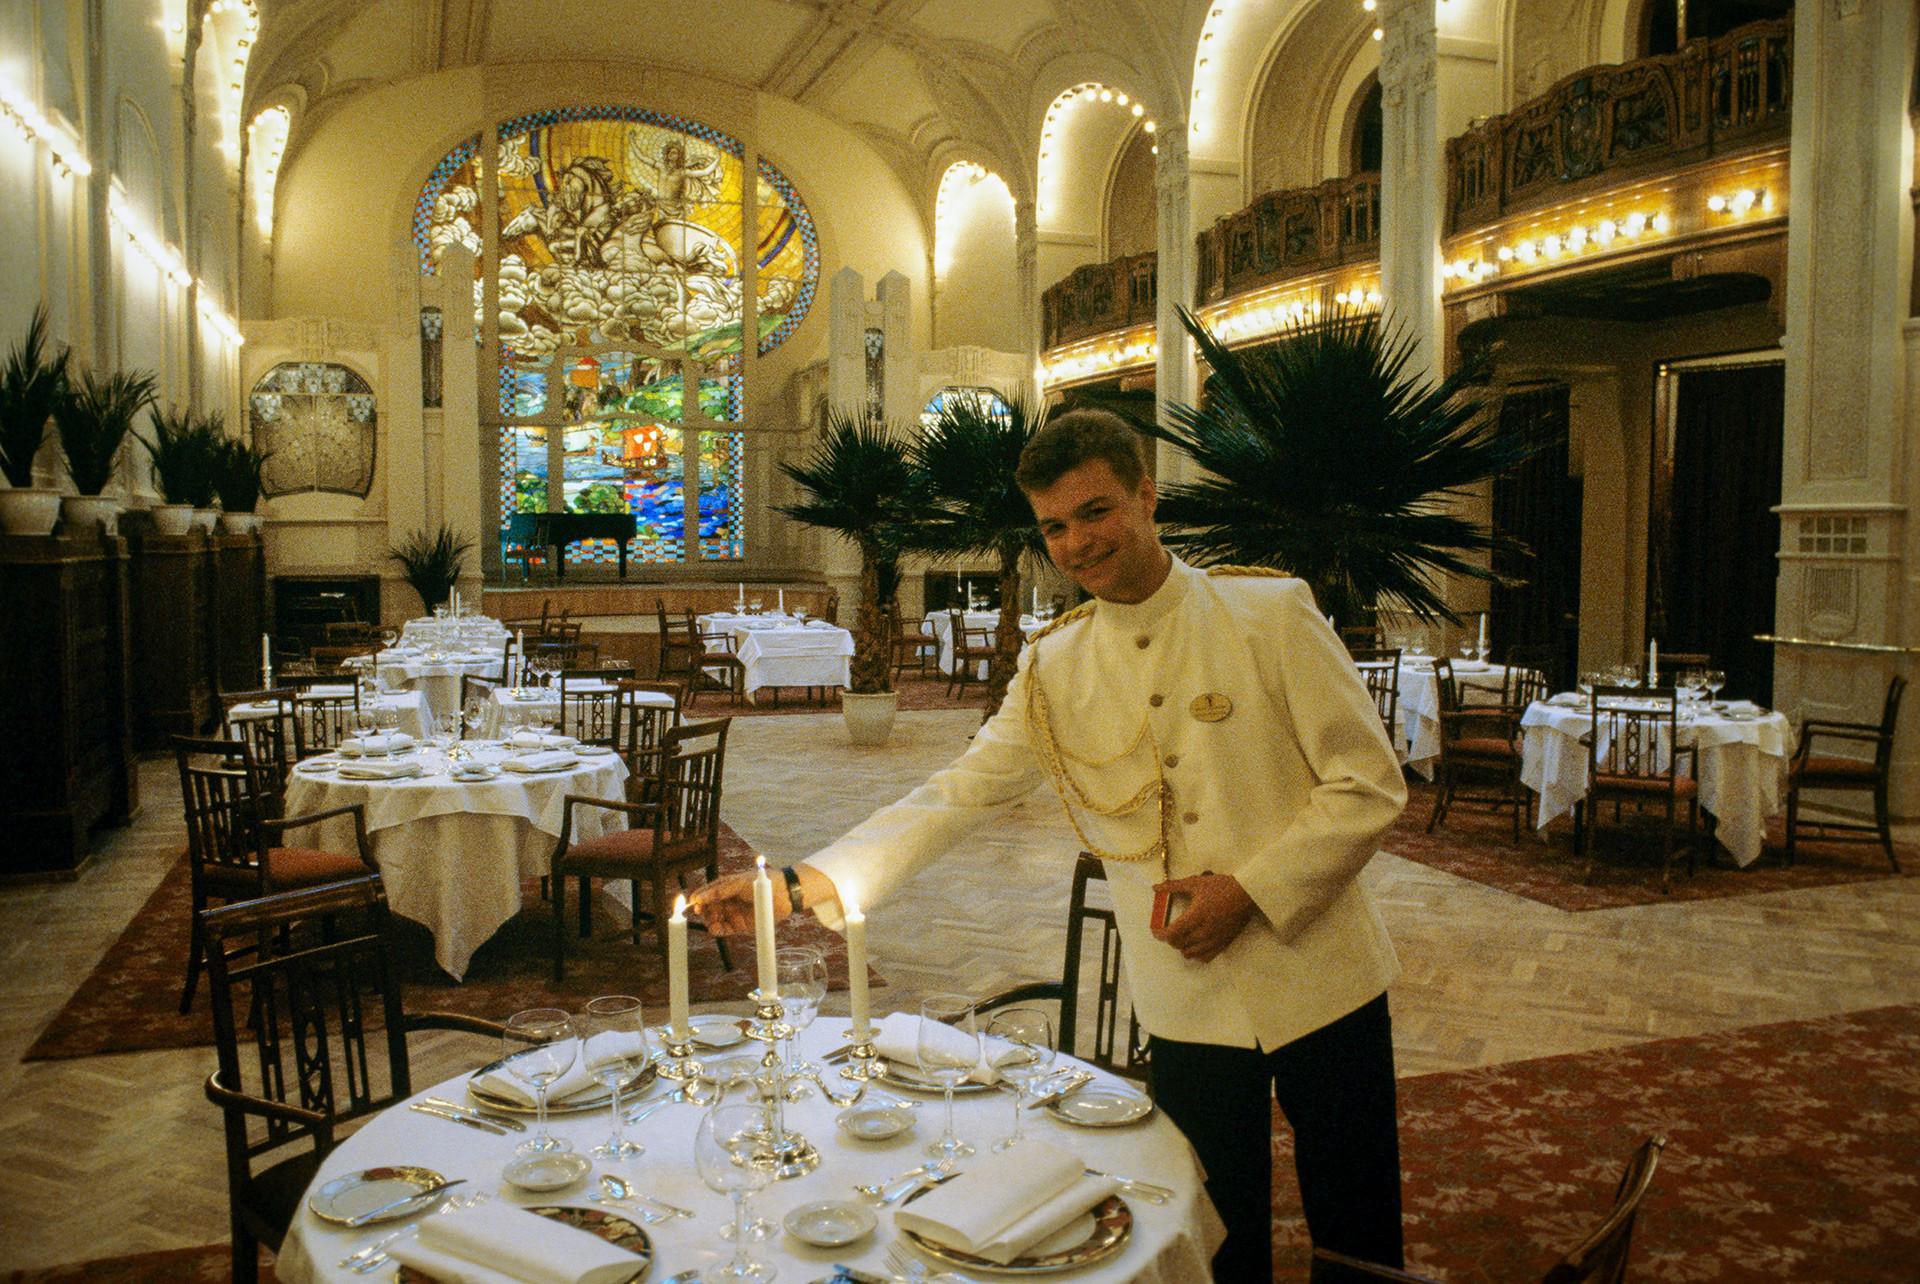 グランドホテル・ヨーロッパ(ソ連とスウェーデンの合弁会社であった五つ星のホテル.)の4つのレストランの中で最もエキゾチックな「クリーシャ」(屋根)。ホテルの最も高いところにあった。ウェイターたちはピョートル1世時代の衣装を着ている。